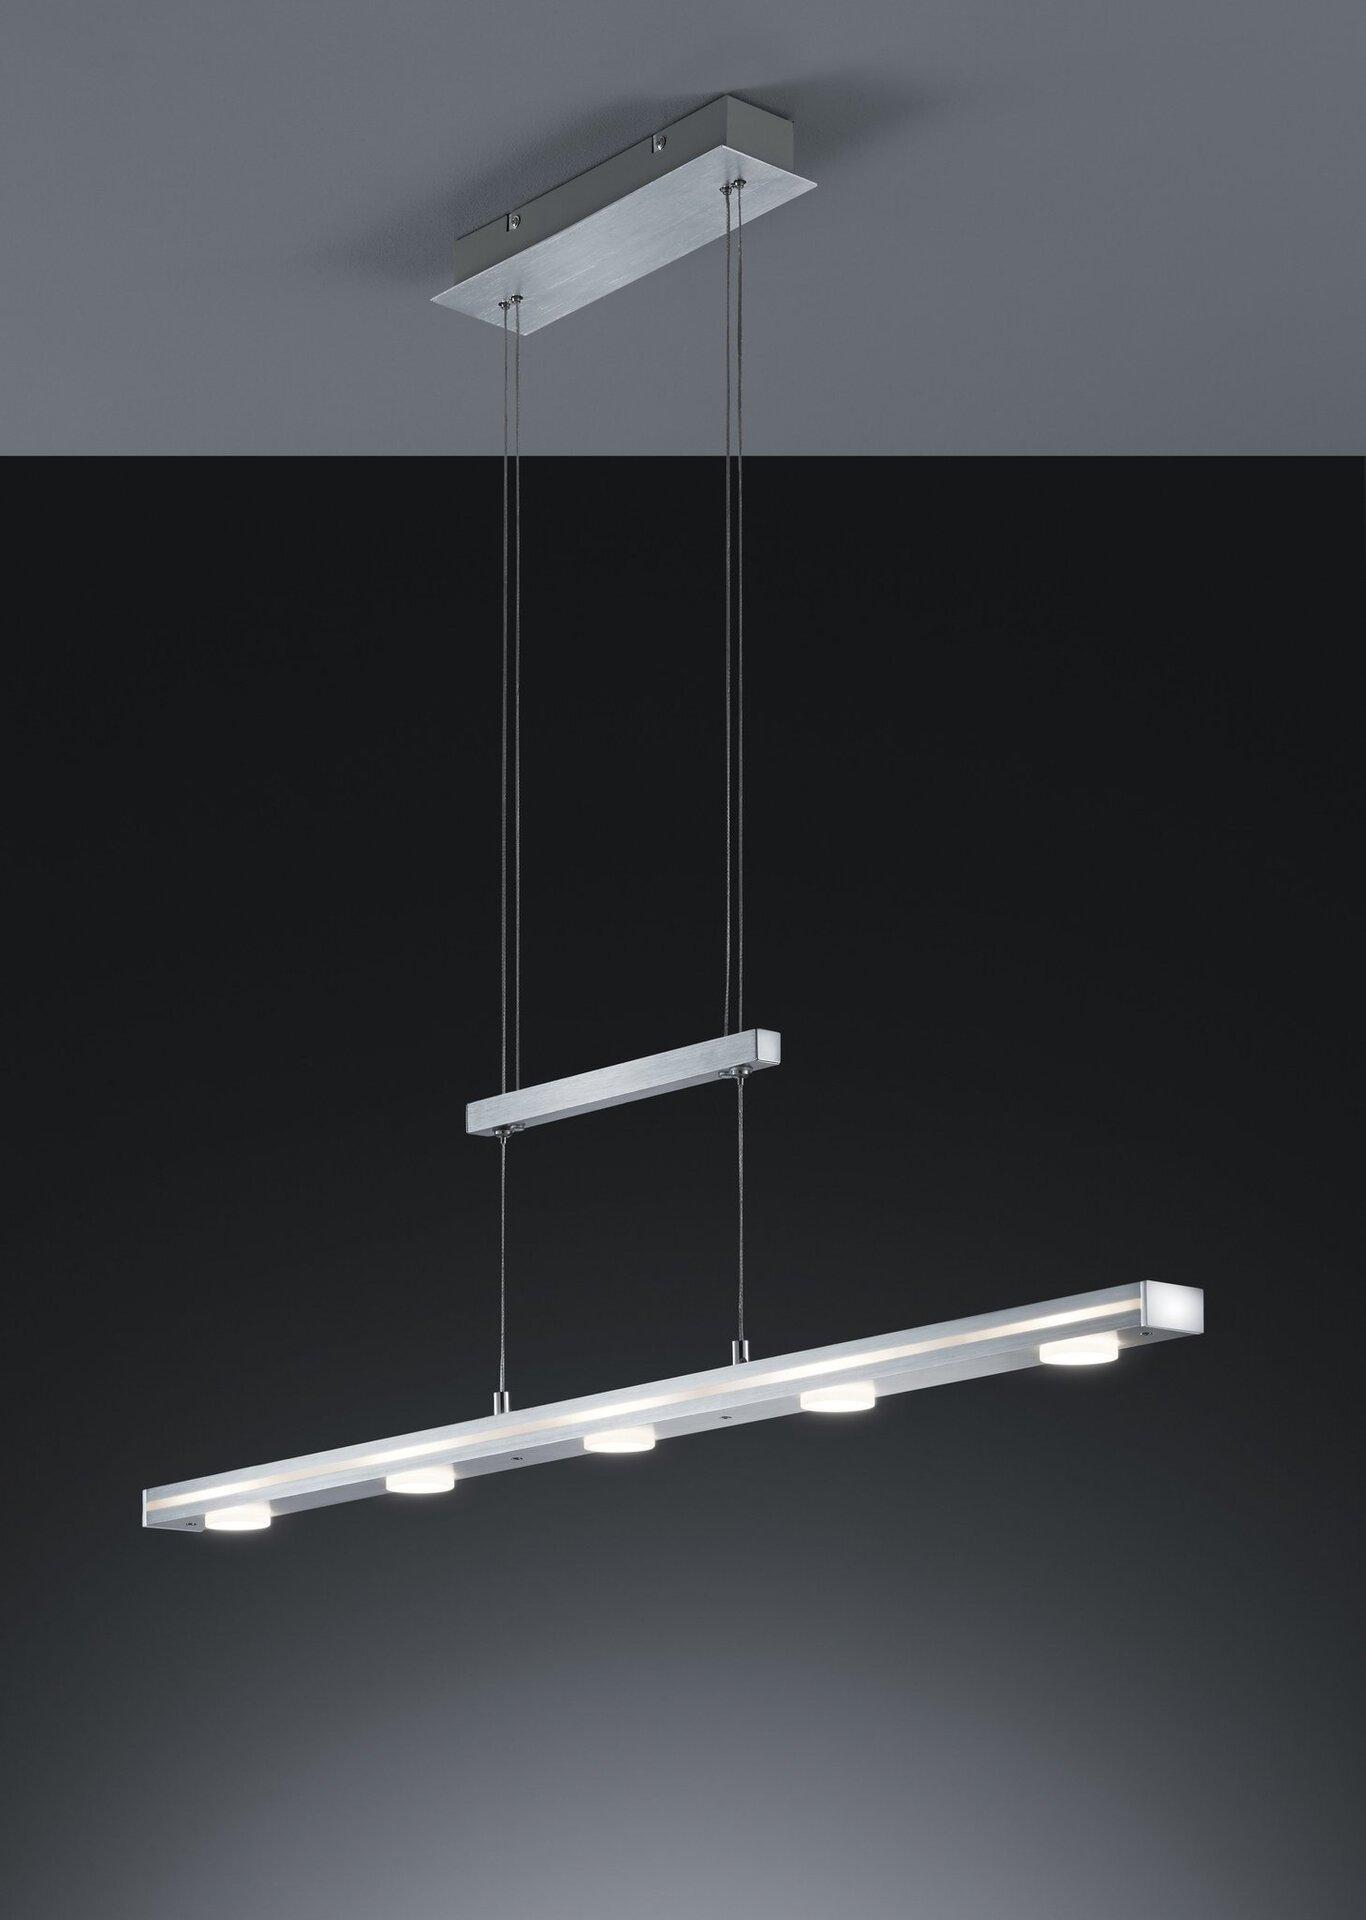 Hängeleuchte Cavallo Trio Leuchten Metall 100 x 95 x